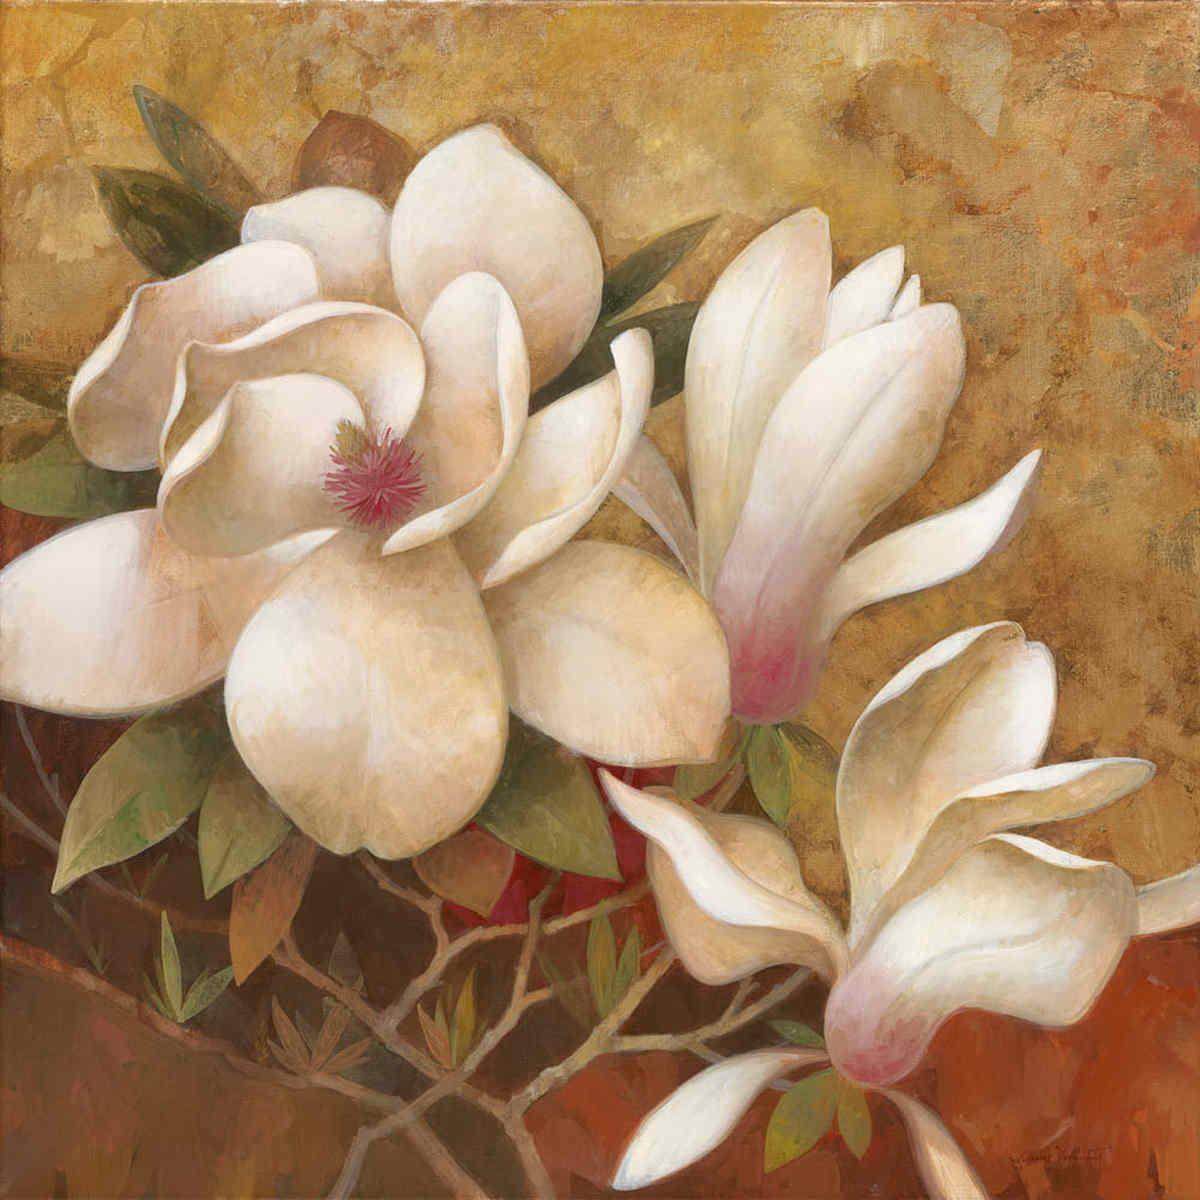 Sweet Magnolia I by Elaine Vollherbst-Lane - Art Print Framed ...